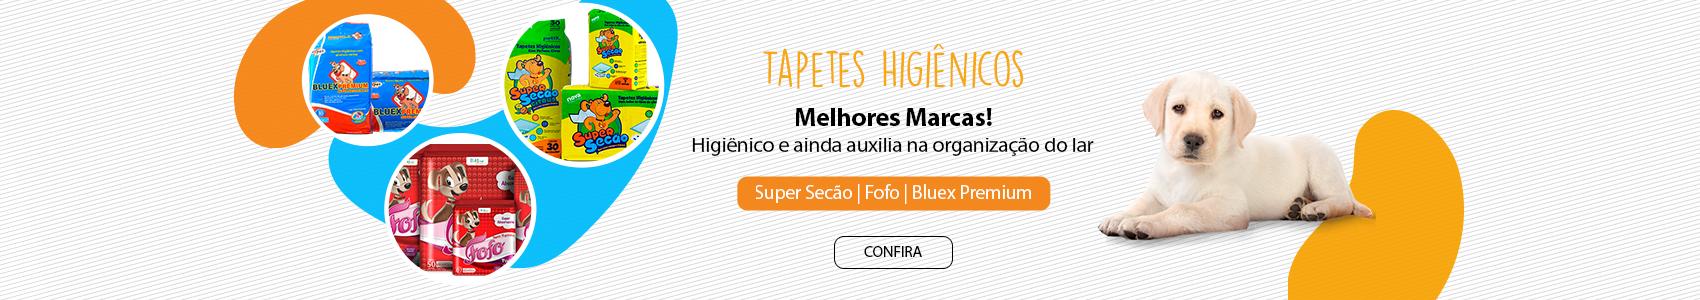 Banner Full | Tapetes Higiênicos